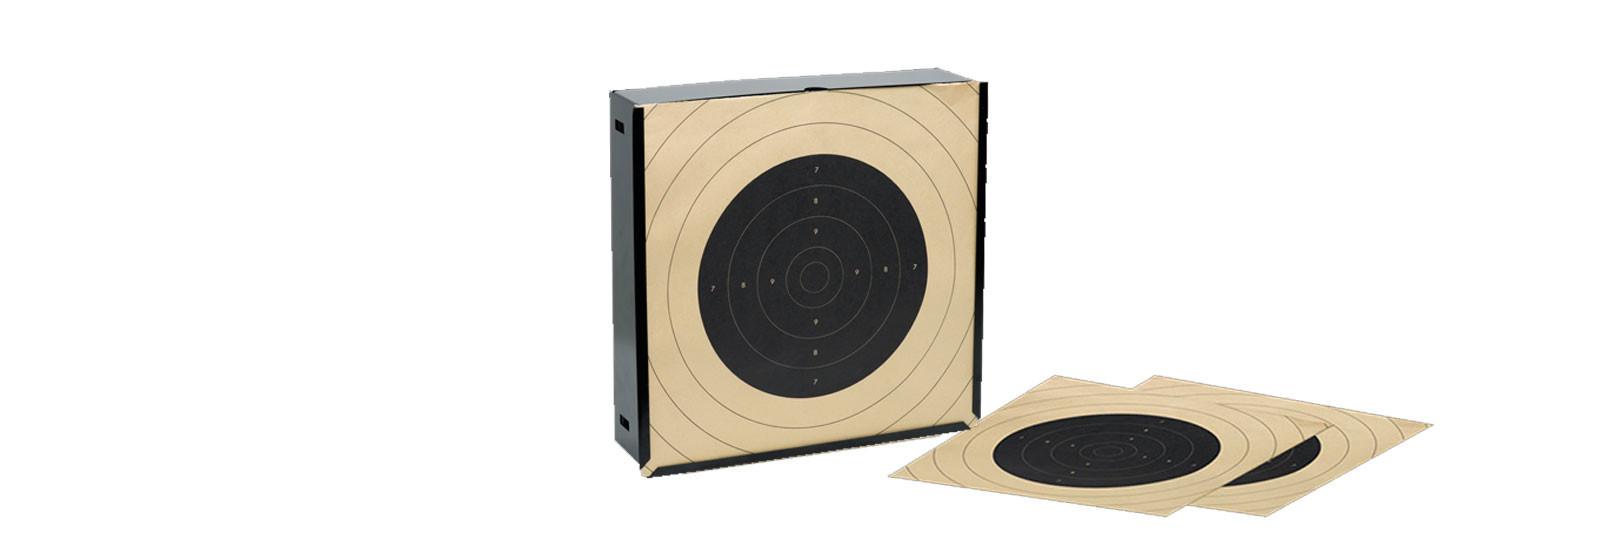 Indoor target holder